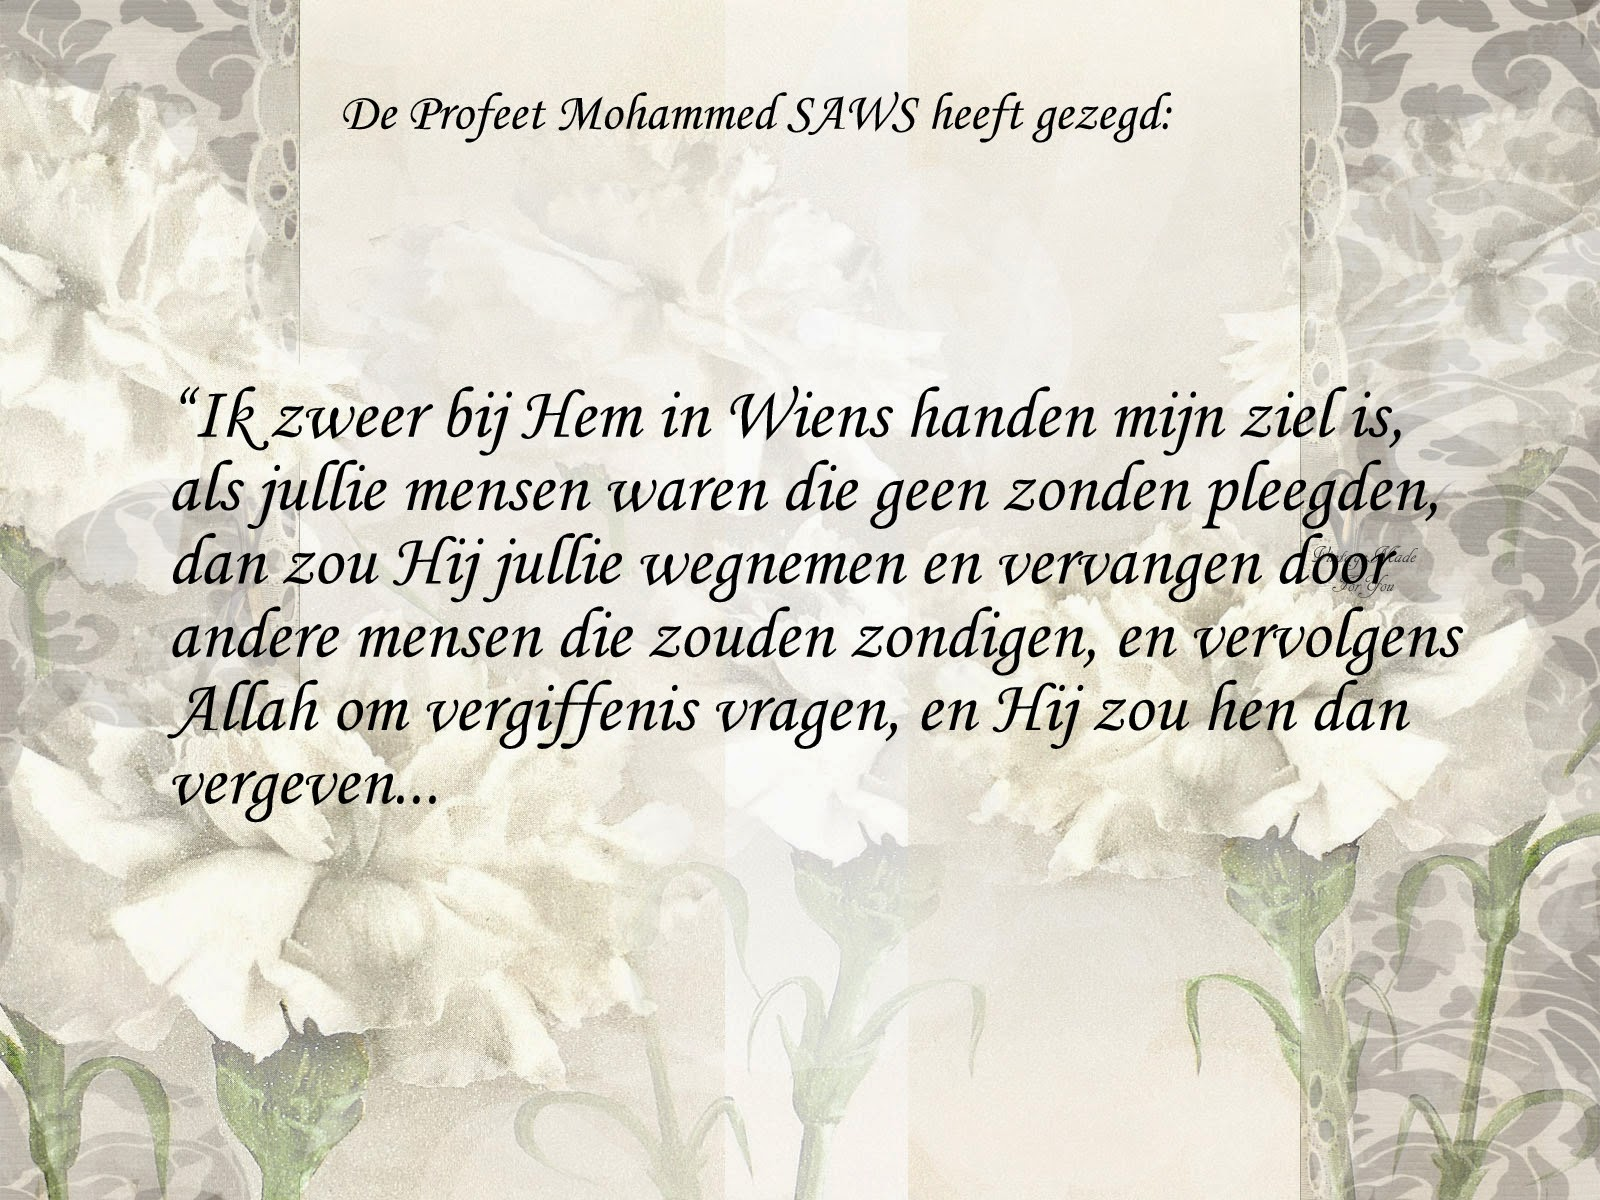 Citaten Uit Koran : Citaten en wijze woorden uit de islam allah vergeeft onze